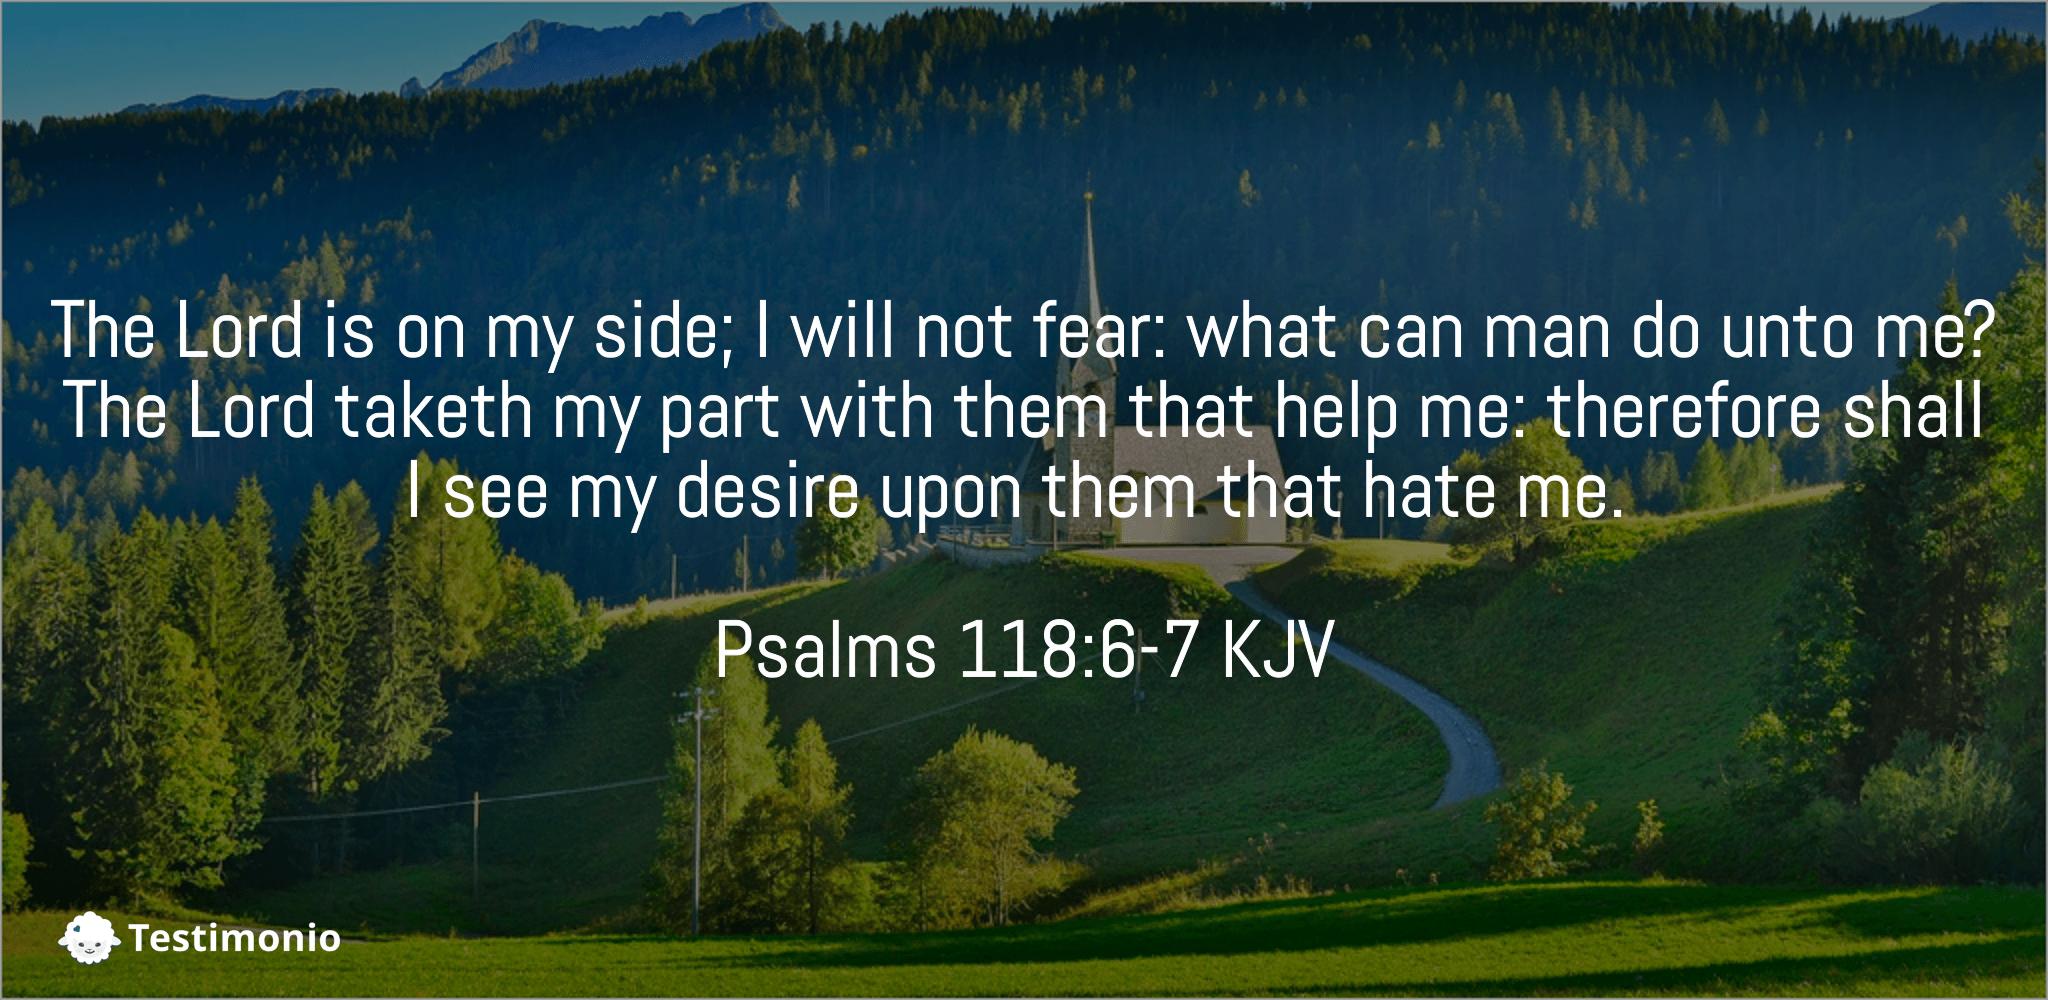 Psalms 118:6-7